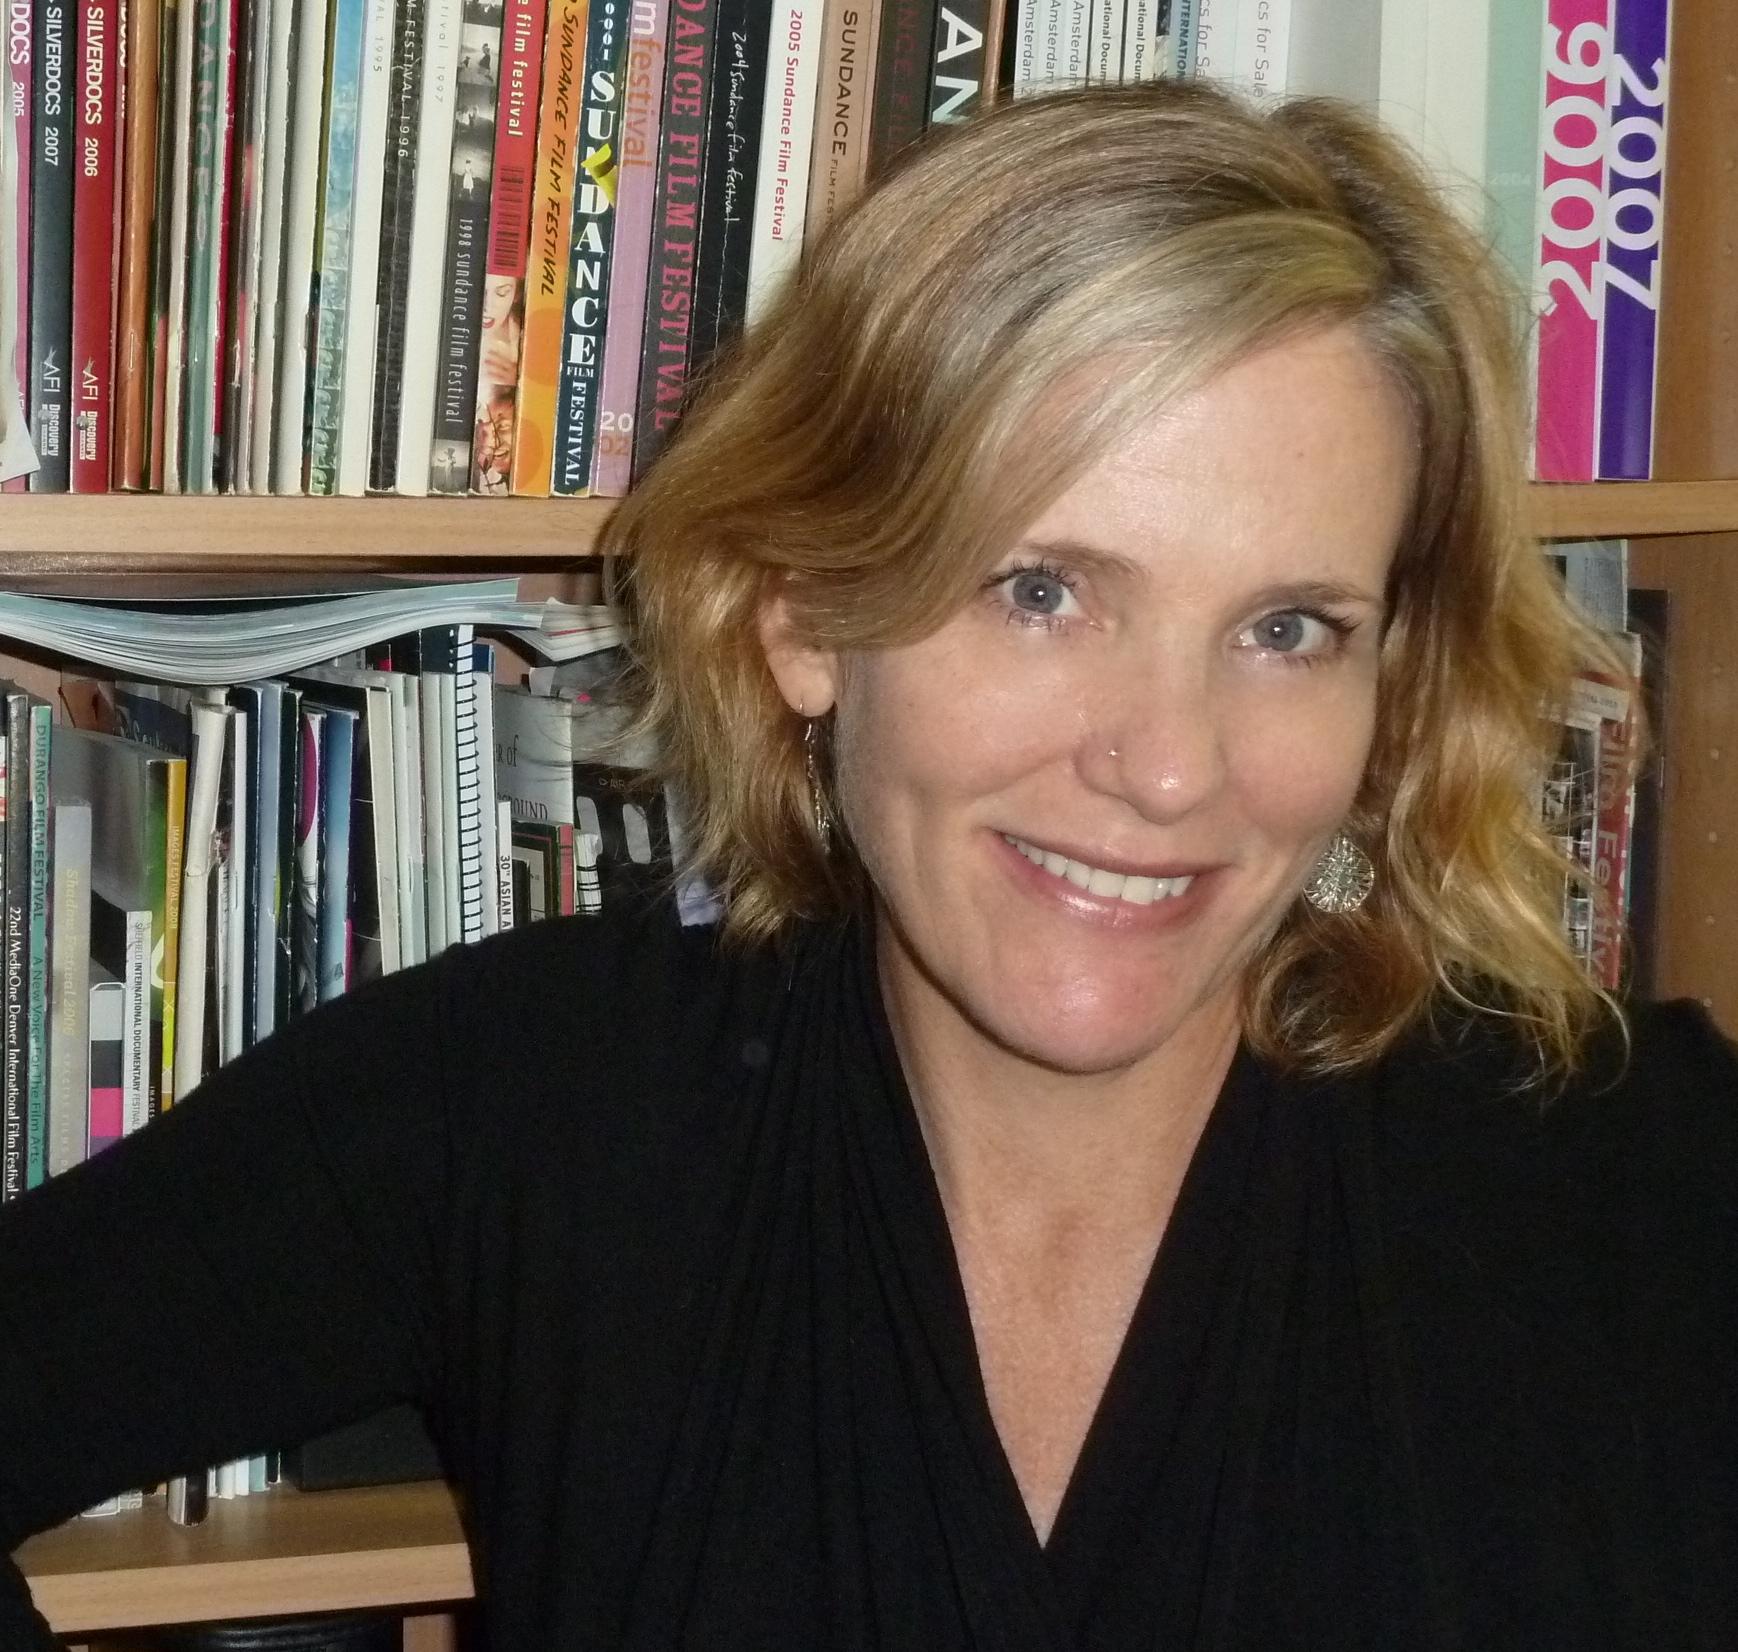 Mary Kerr / Assistant Editor, Junior Editor